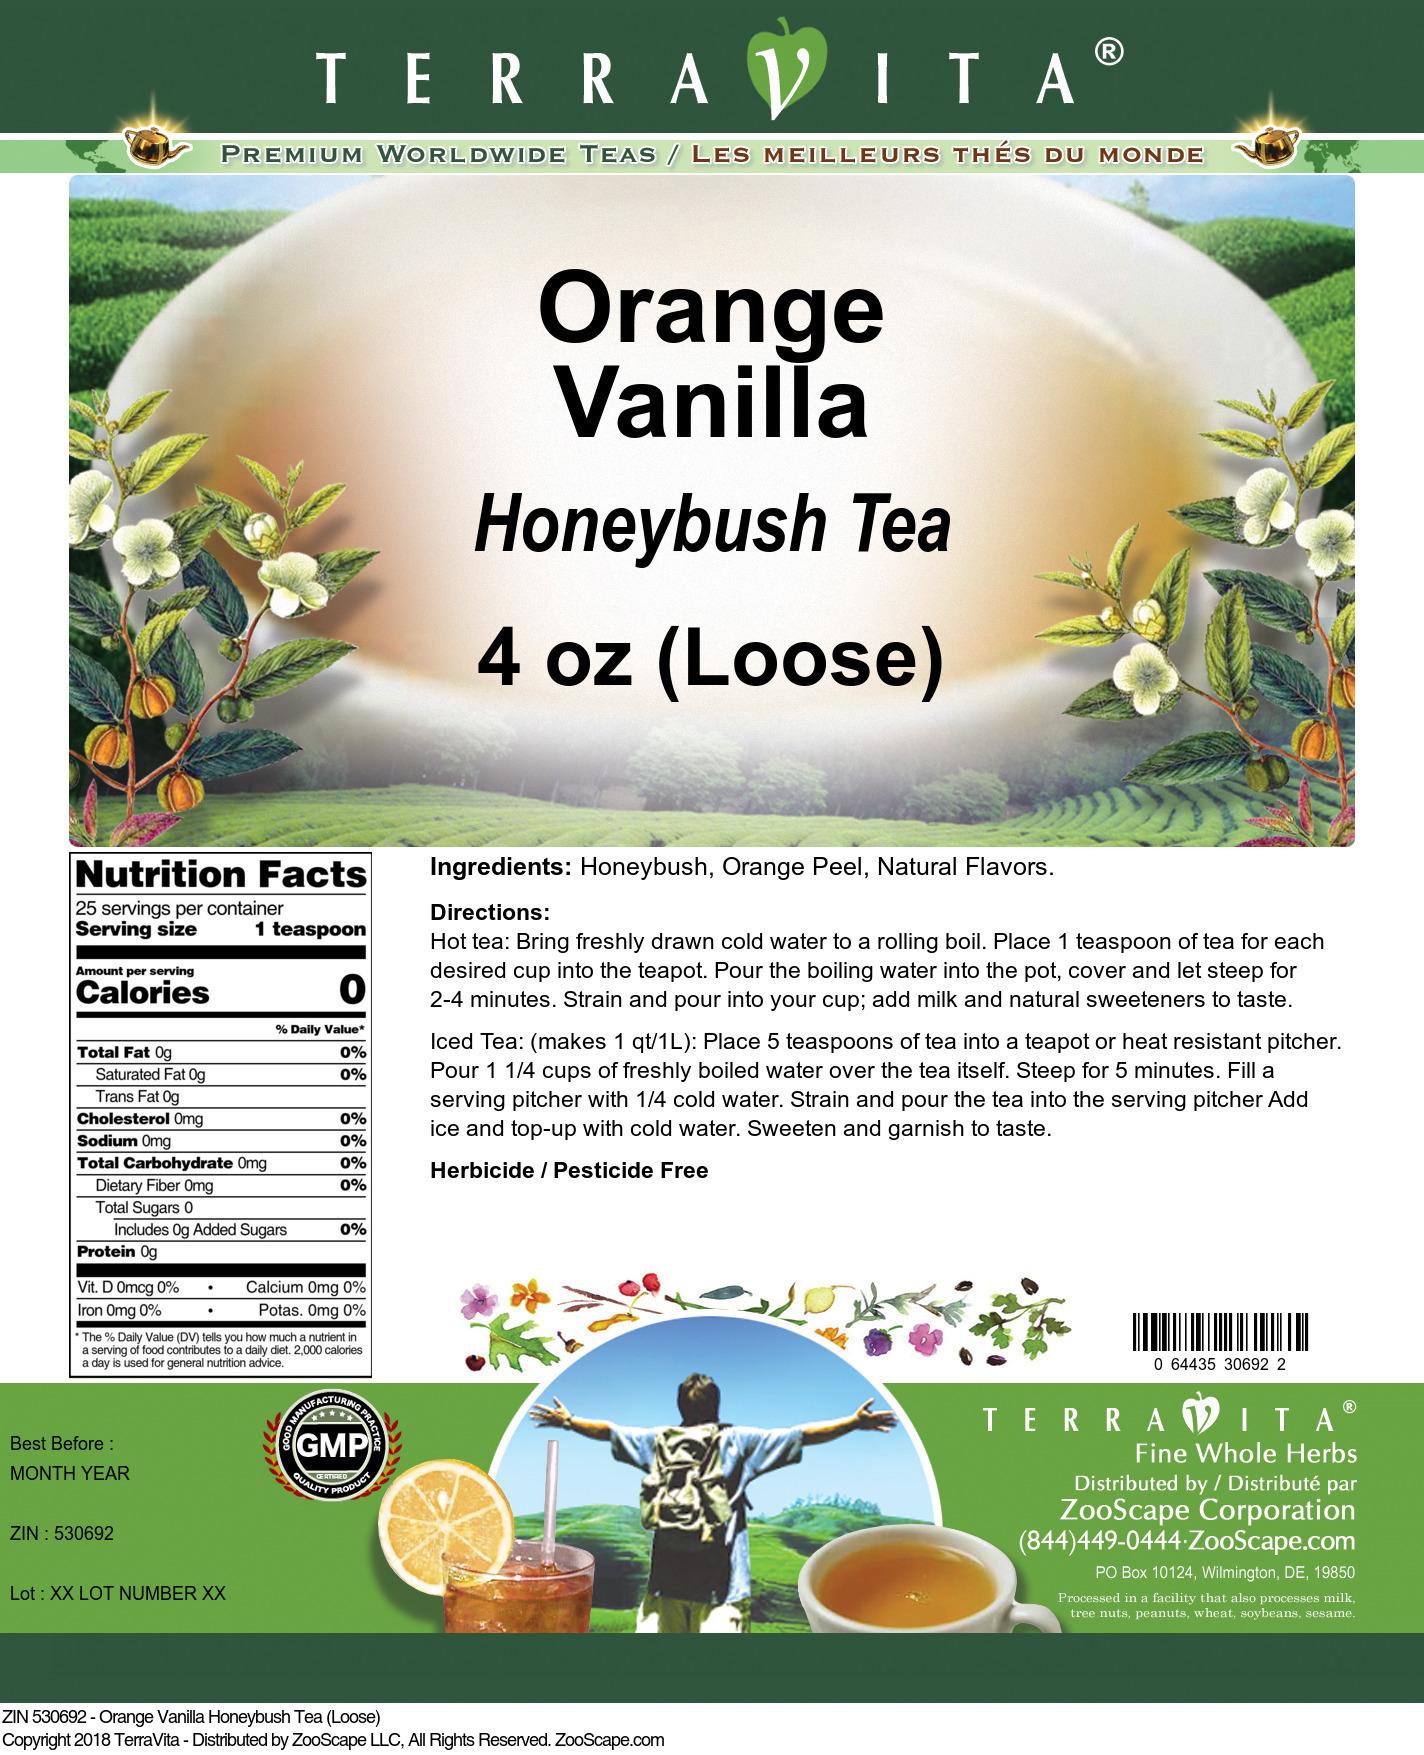 Orange Vanilla Honeybush Tea